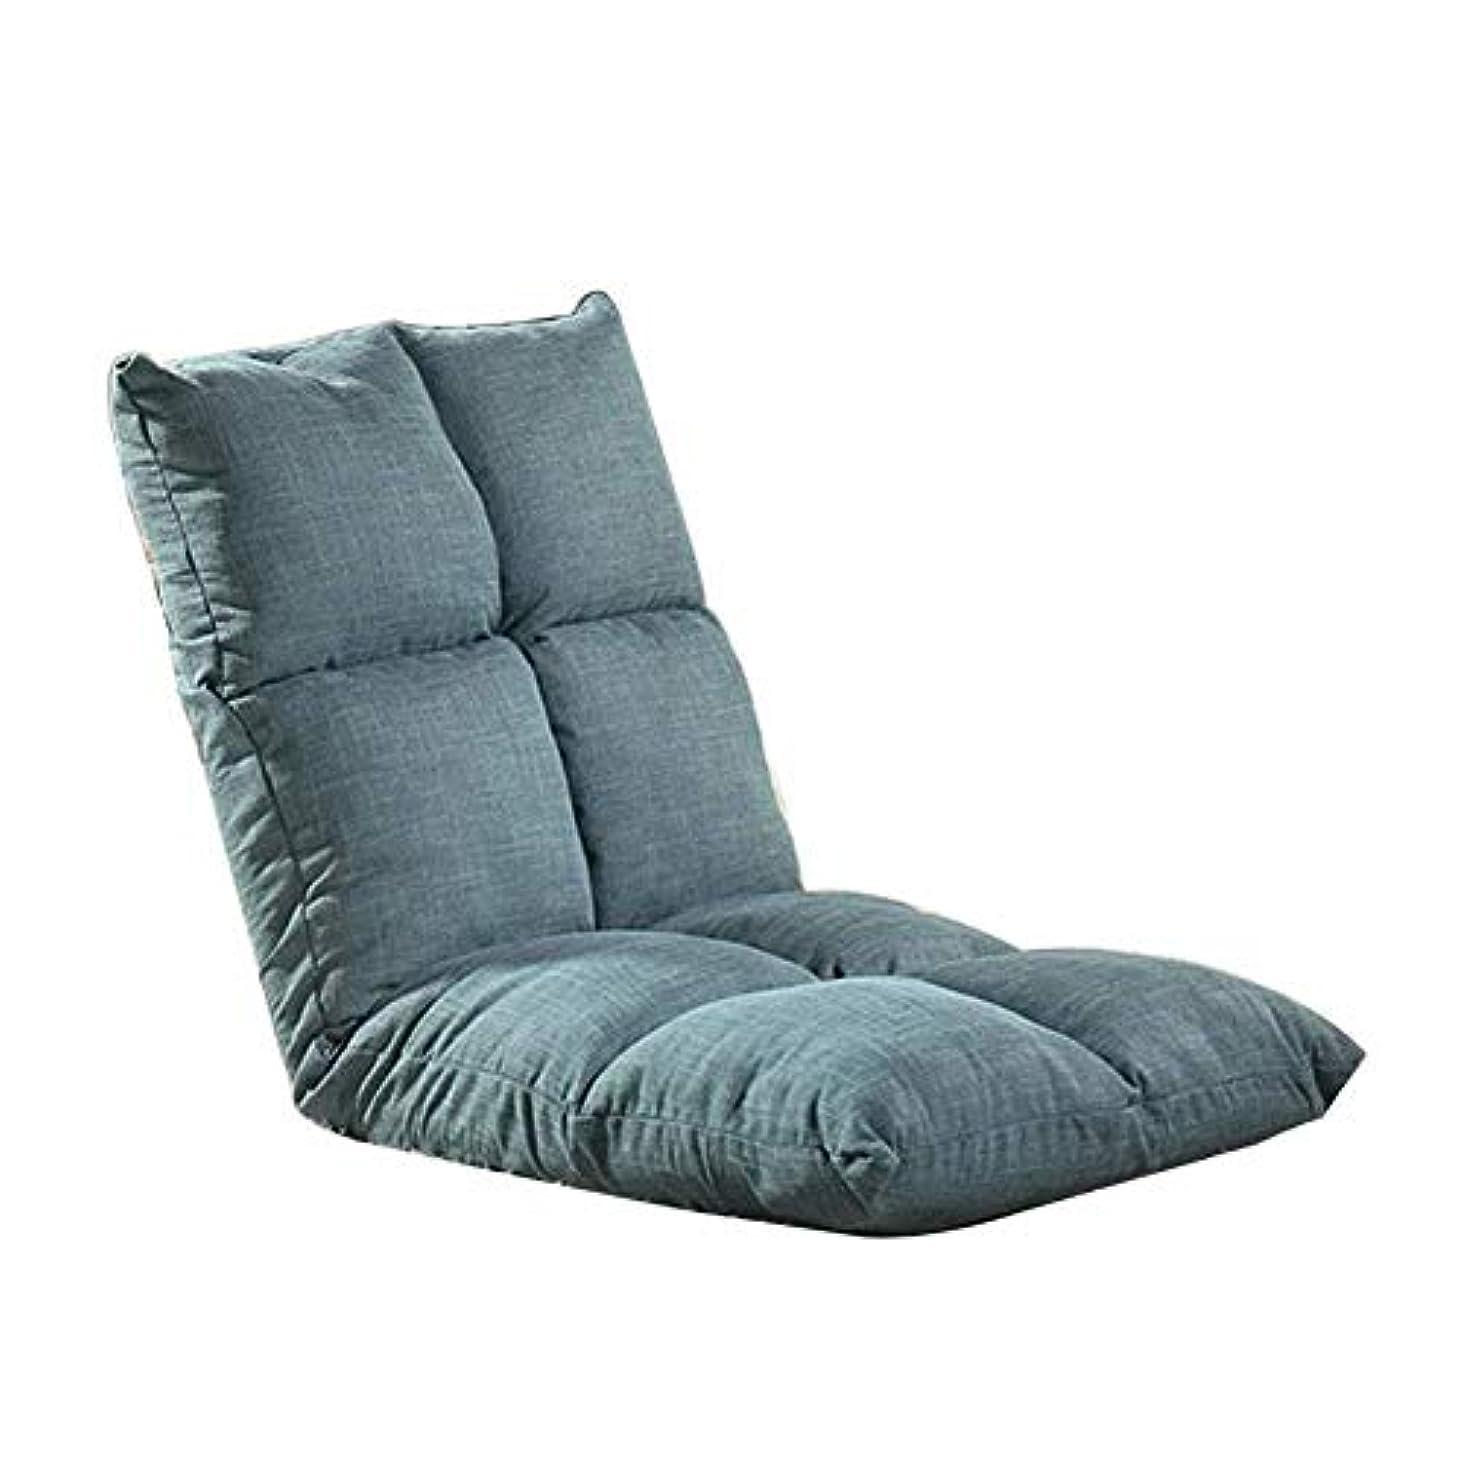 レイプアッパーセンチメートル瞑想の椅子、床の怠zyなソファ、折りたたみ椅子、調節可能な椅子、畳シングルウィンドウチェア (Color : A)